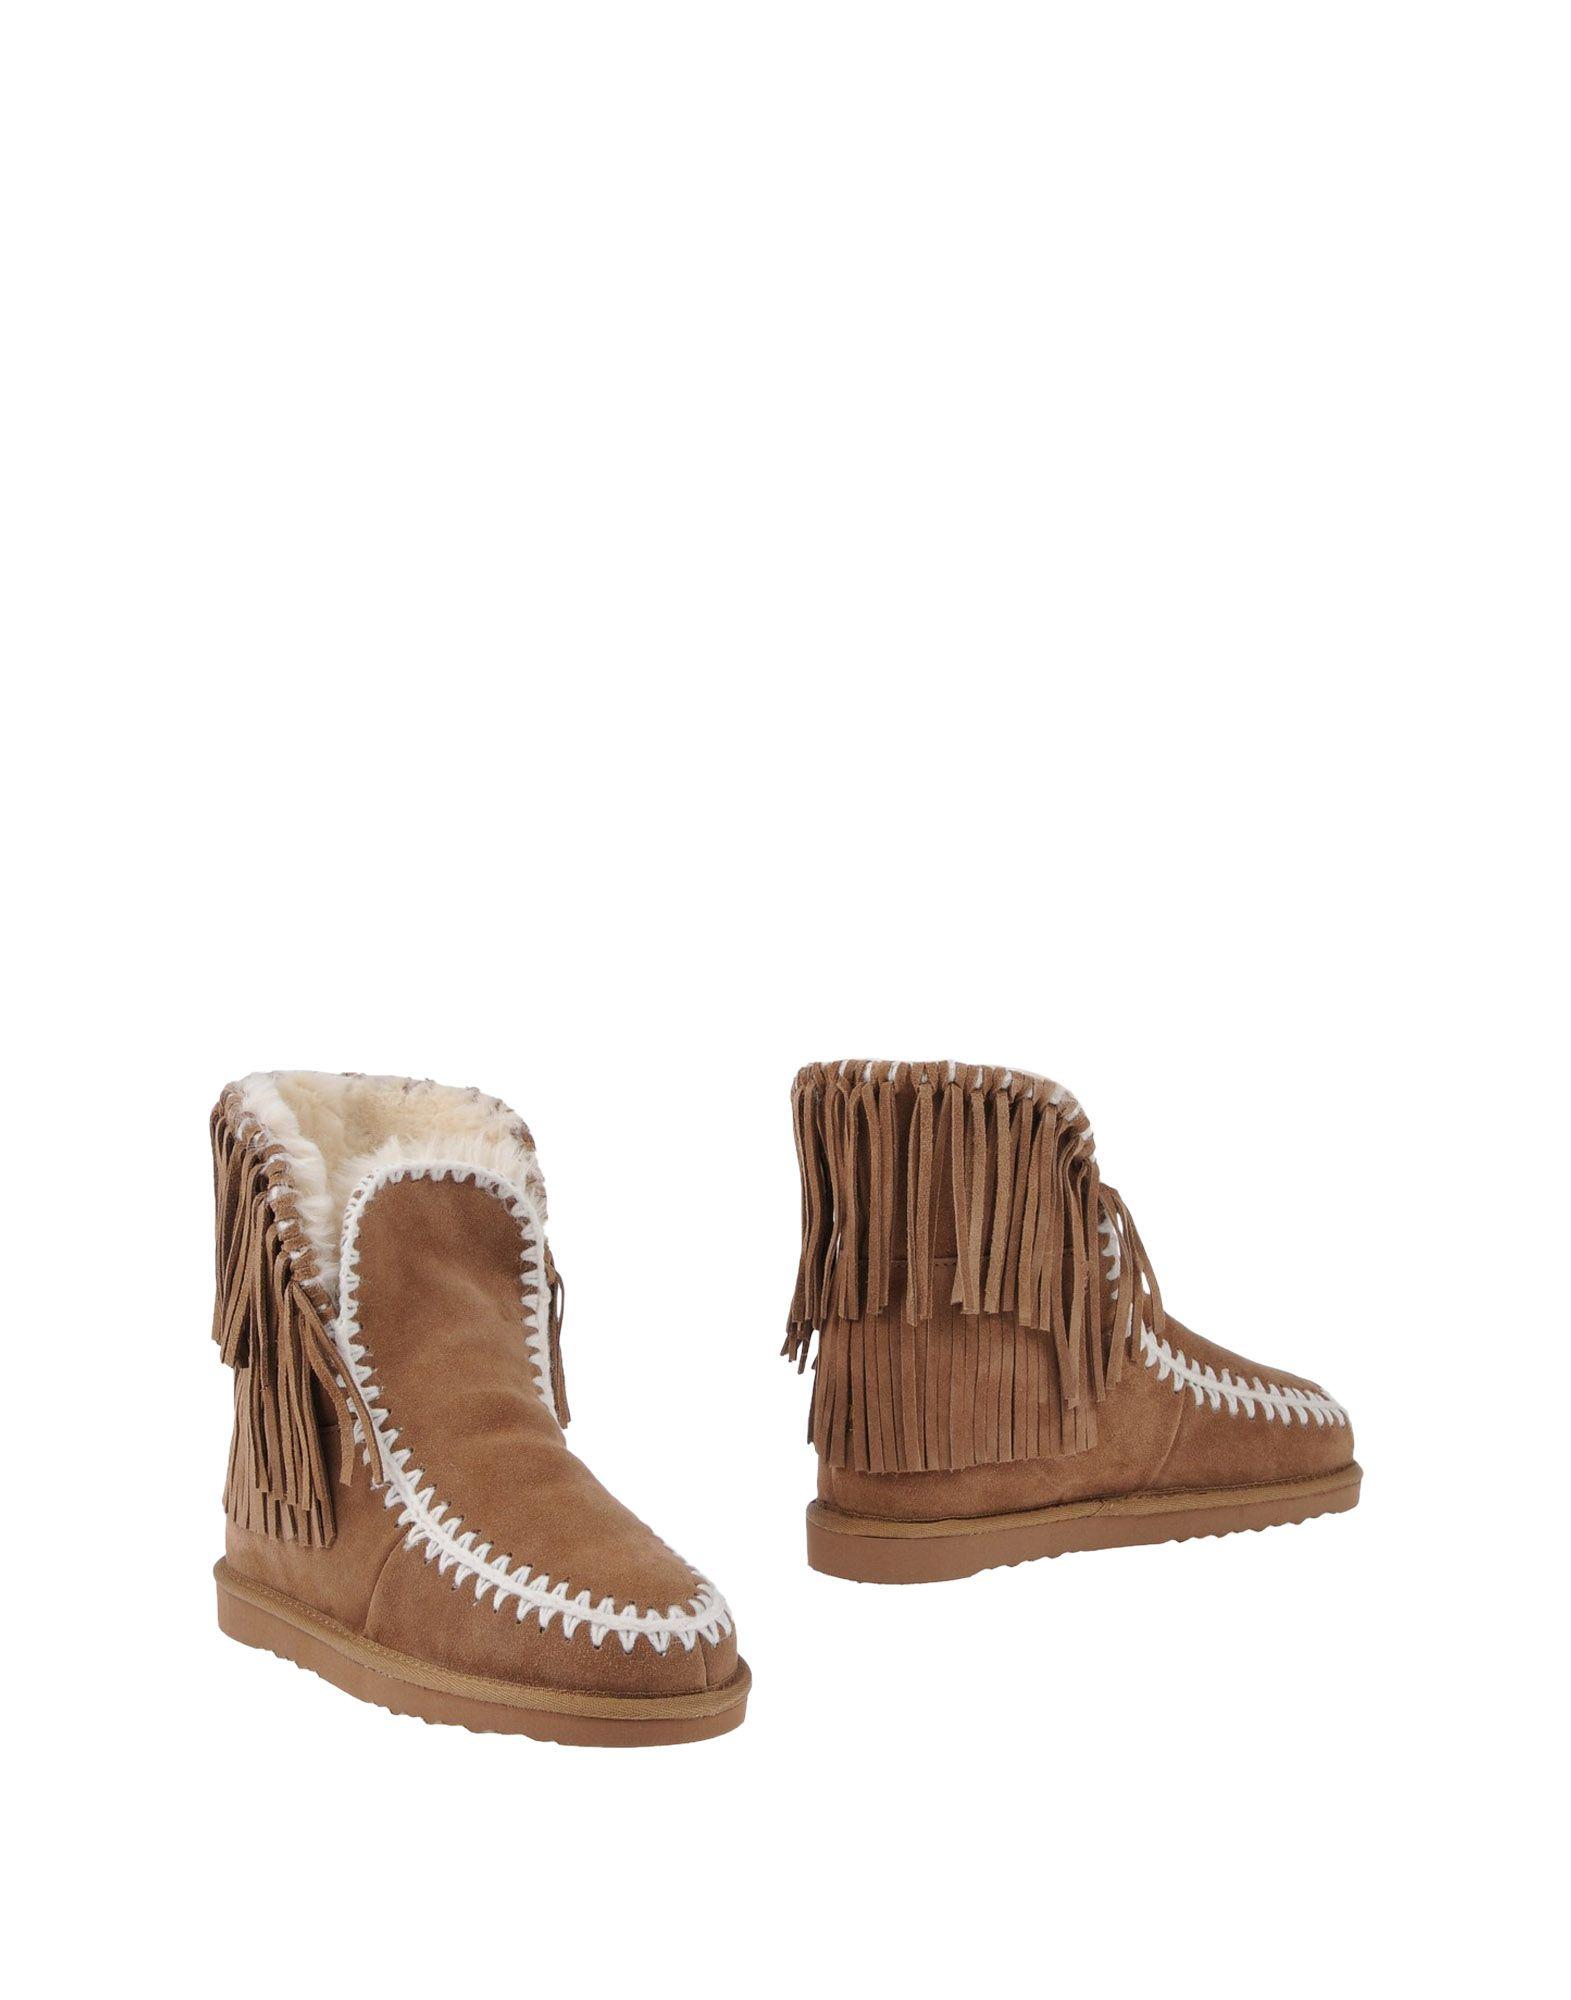 Noa Harmon Stiefelette Damen  11457923VD Gute Qualität beliebte Schuhe